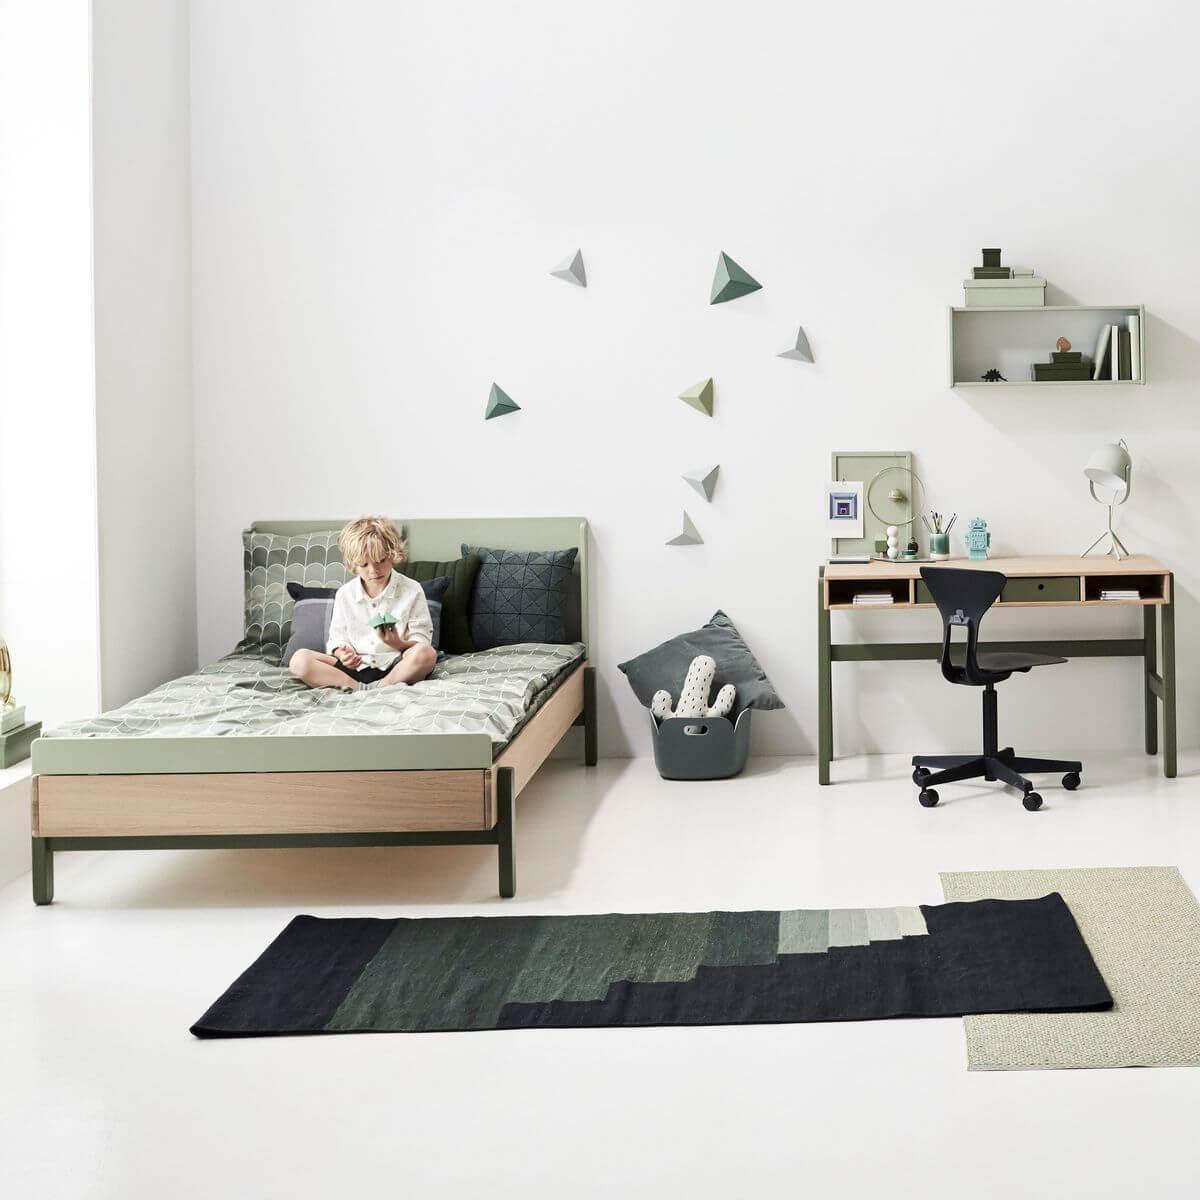 Lit simple 120x200cm POPSICLE Flexa chêne-kiwi